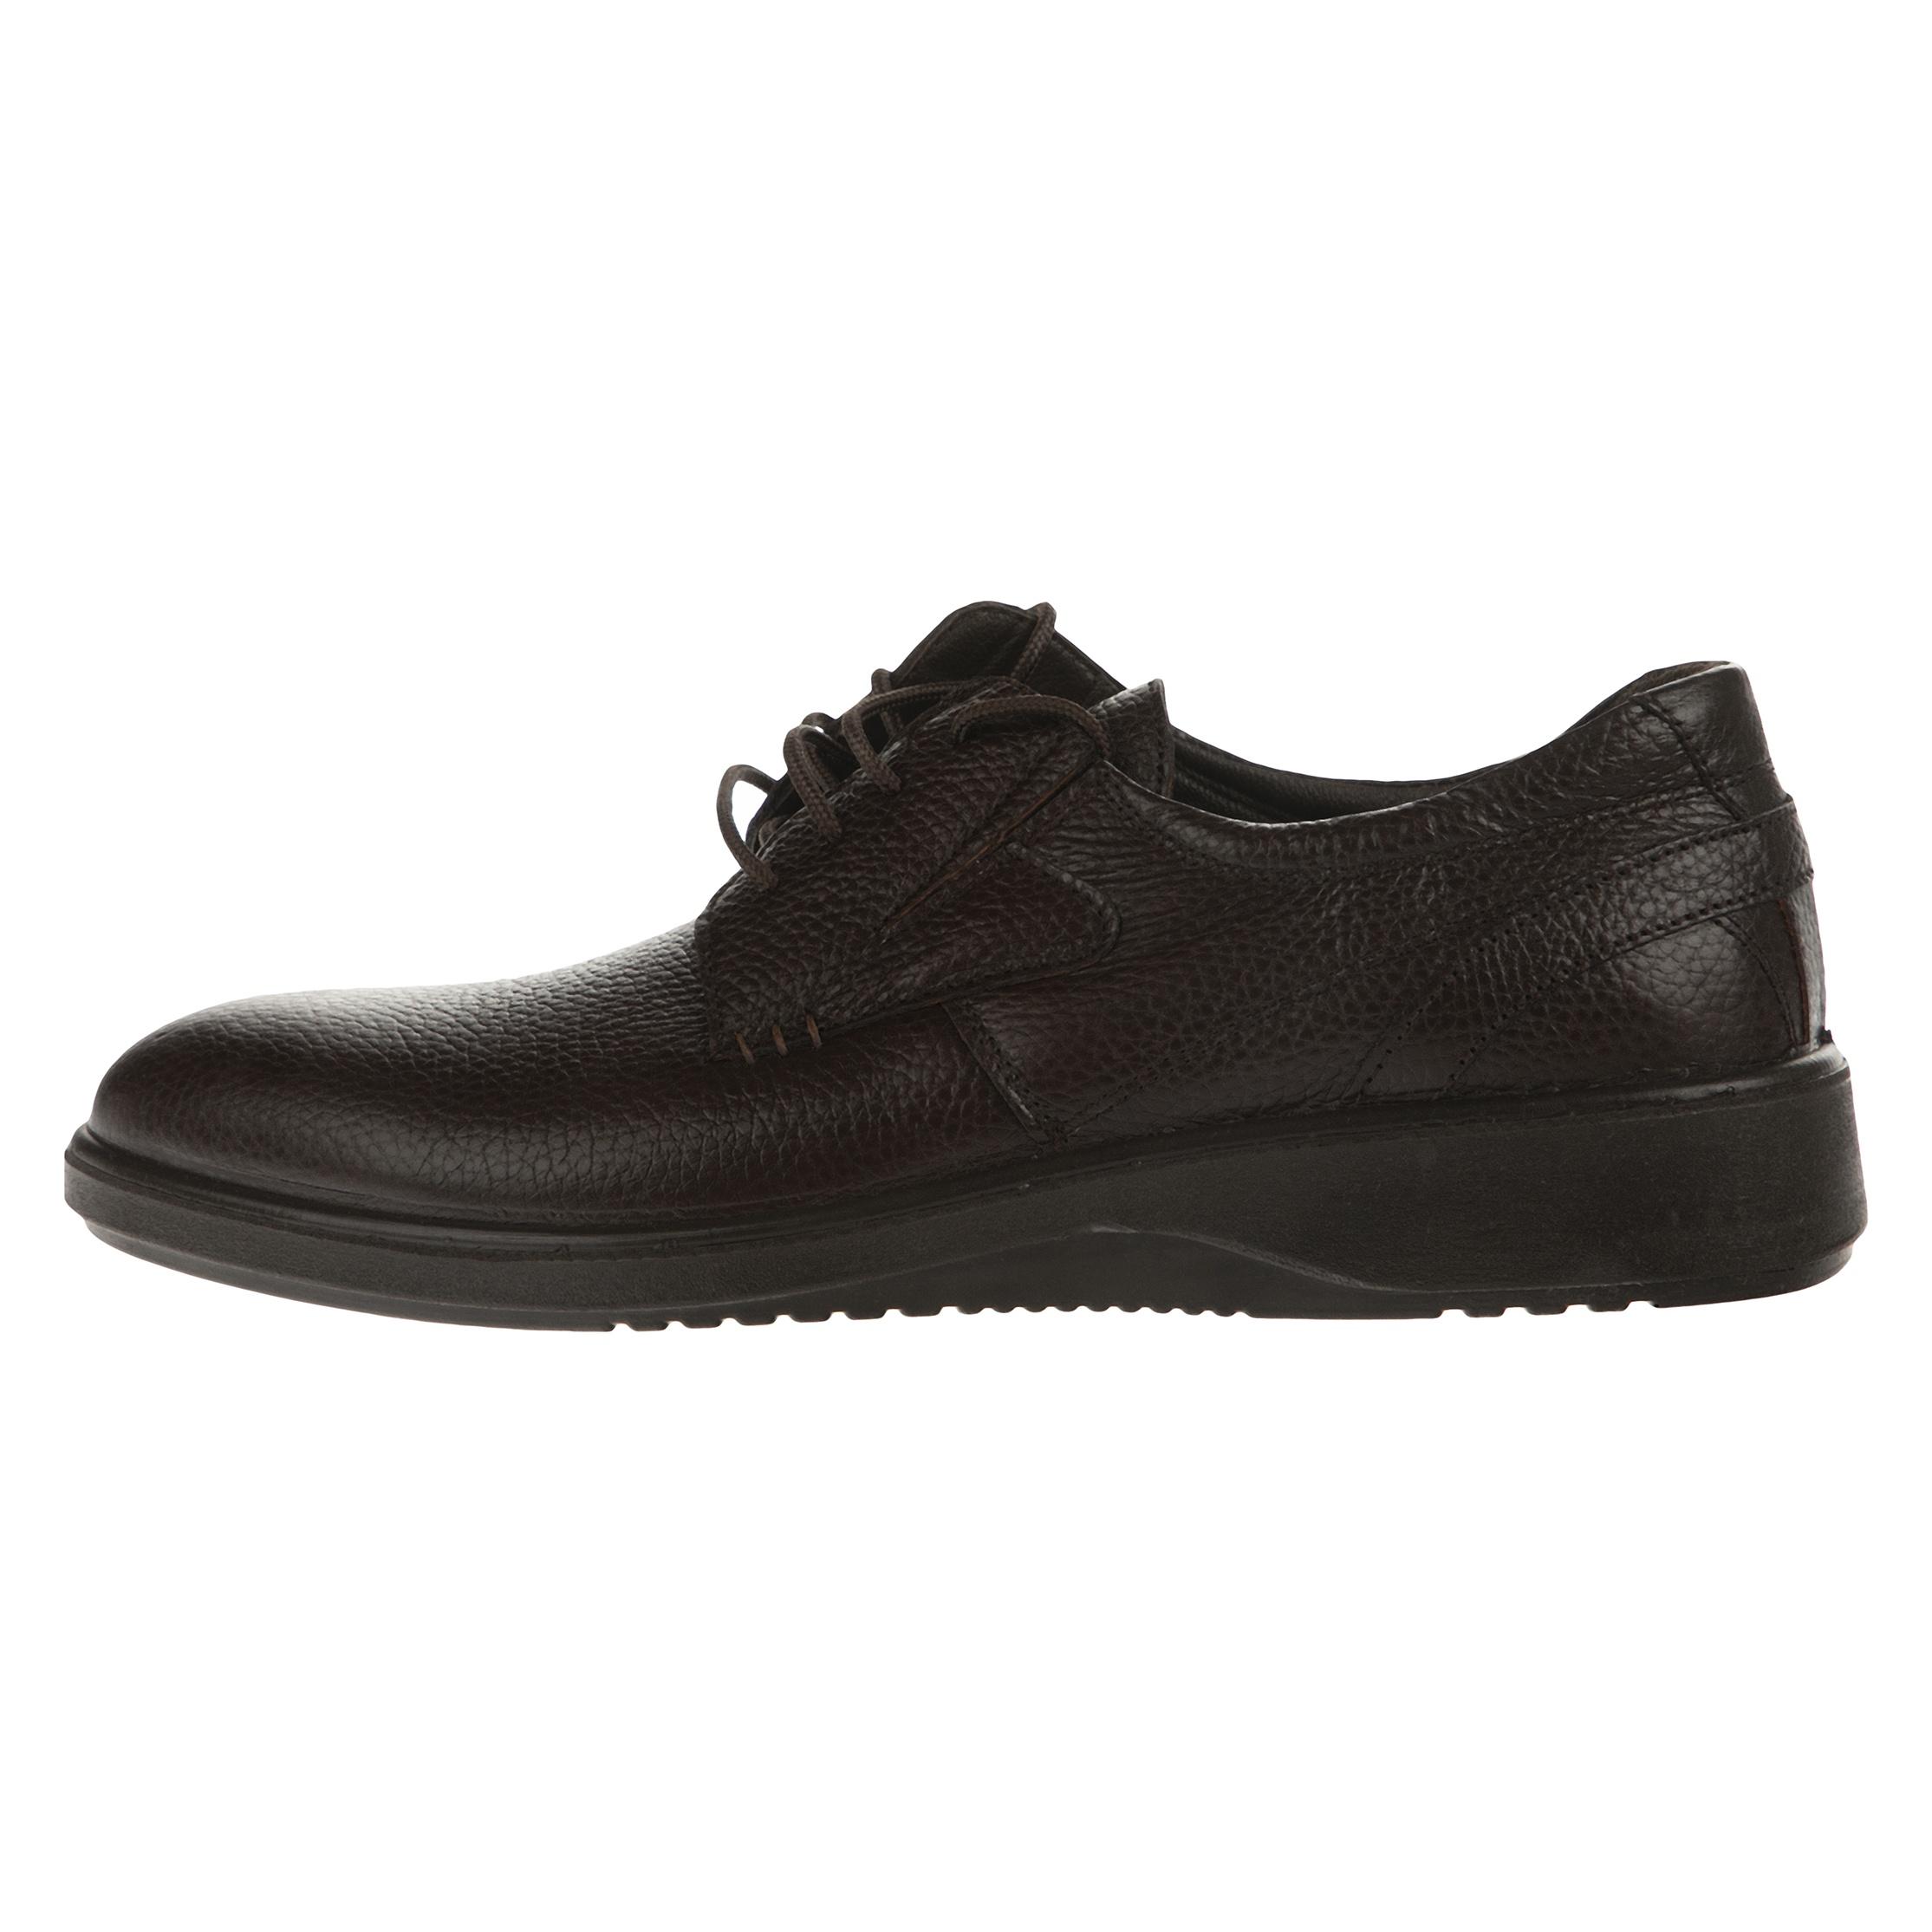 کفش روزمره مردانه شیفر مدل 7216B-104 -  - 2